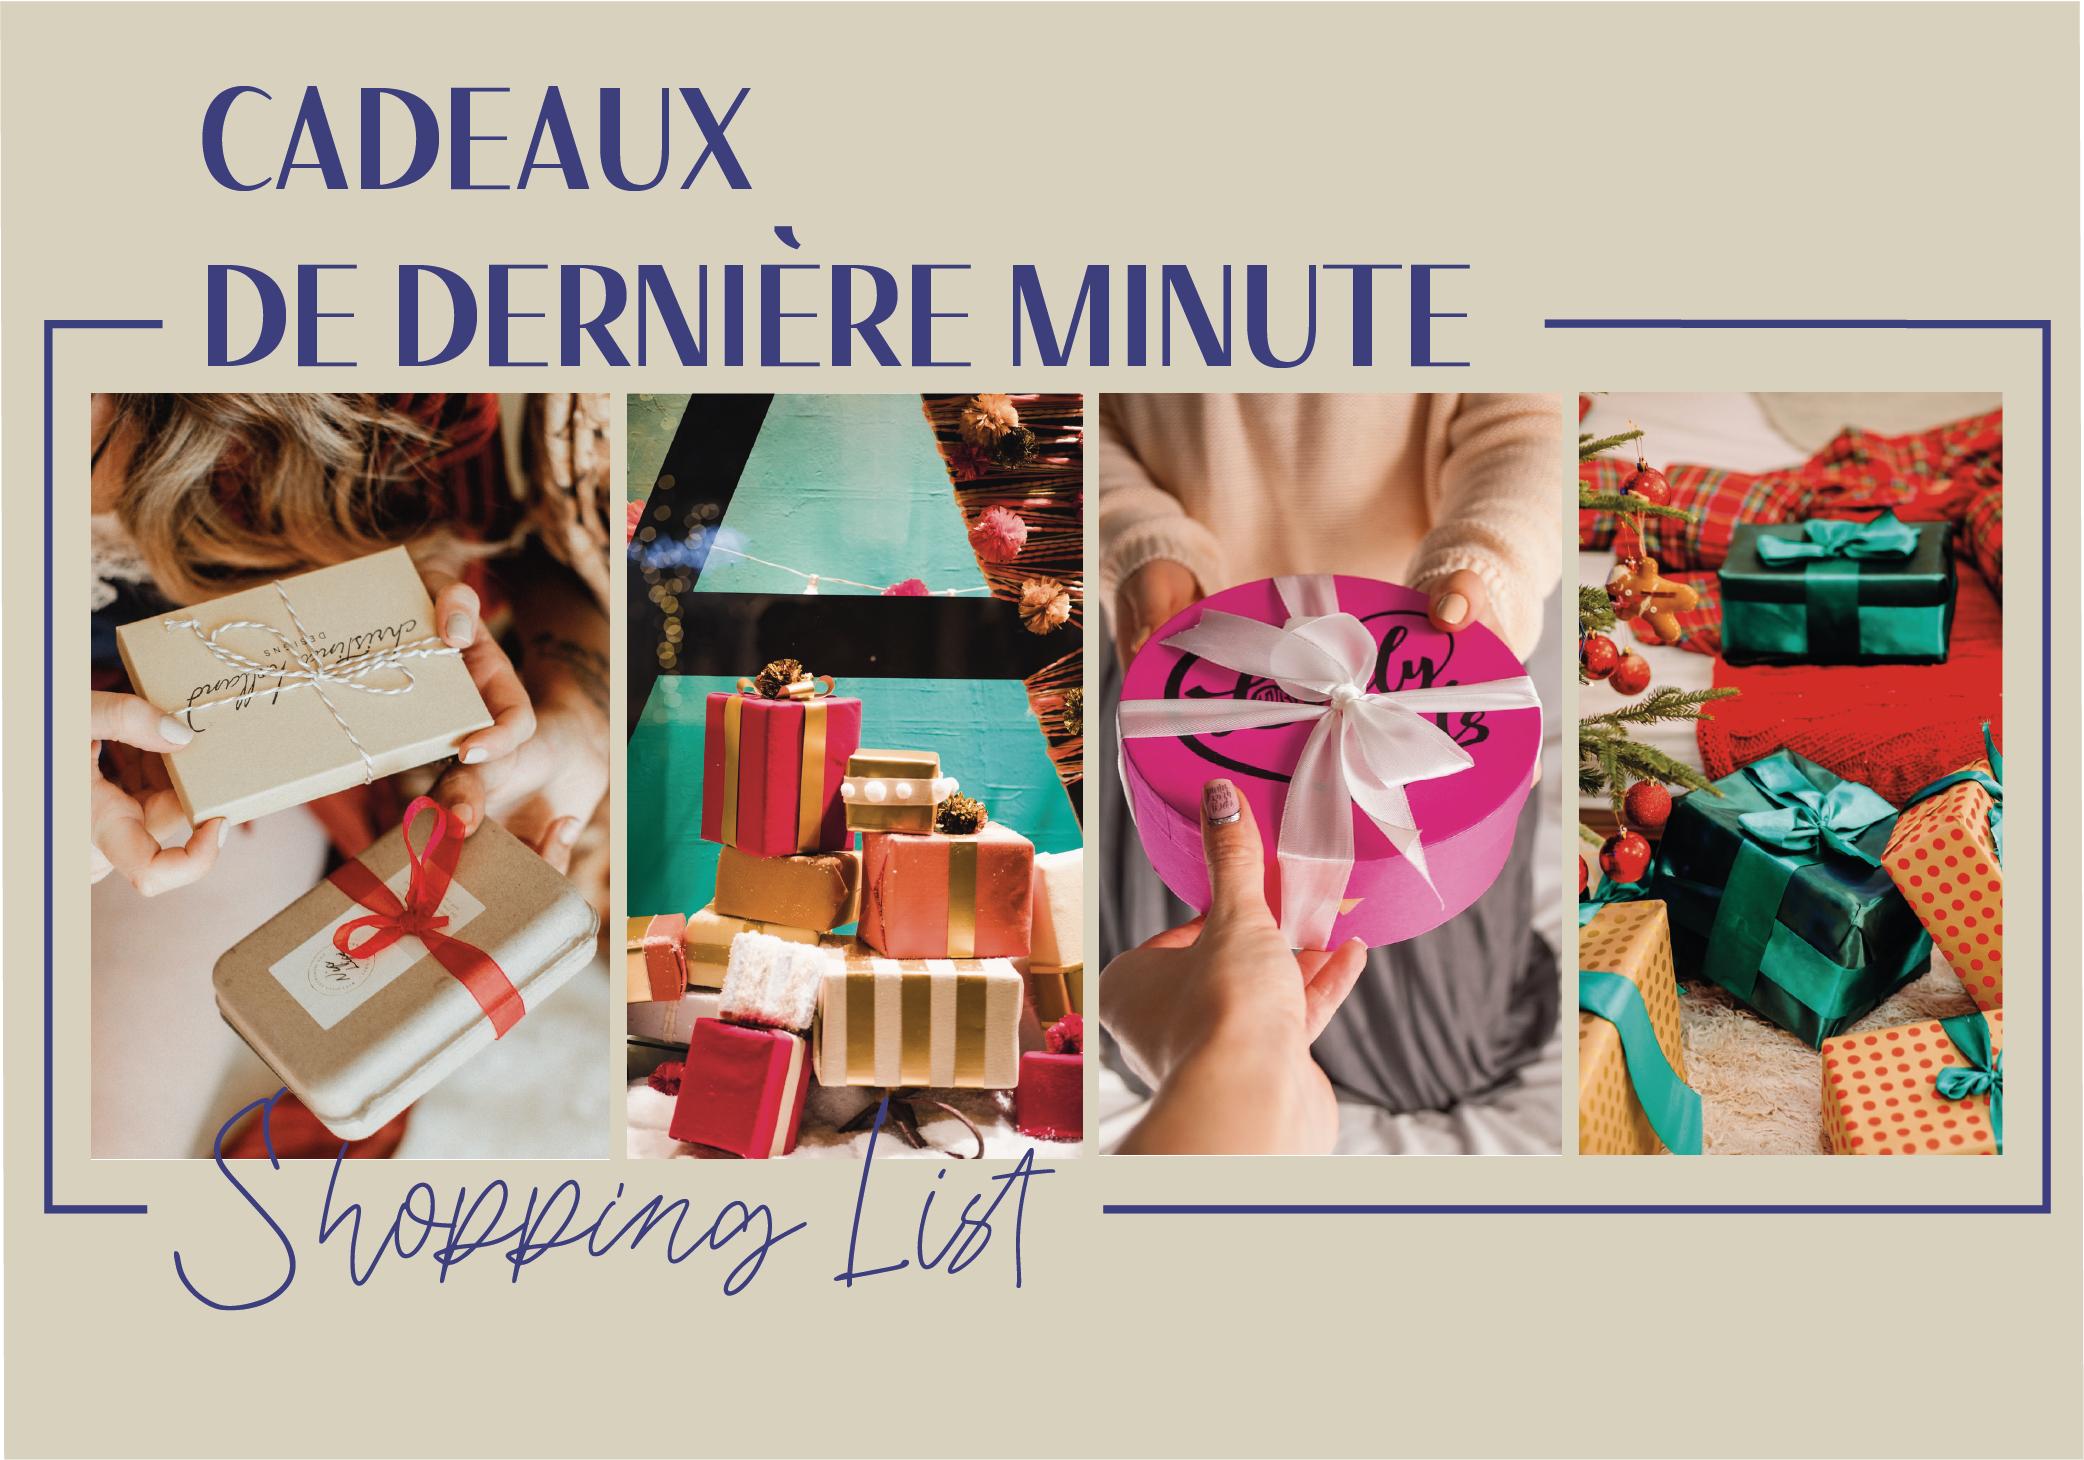 #Shopping List idées cadeaux de dernière minute